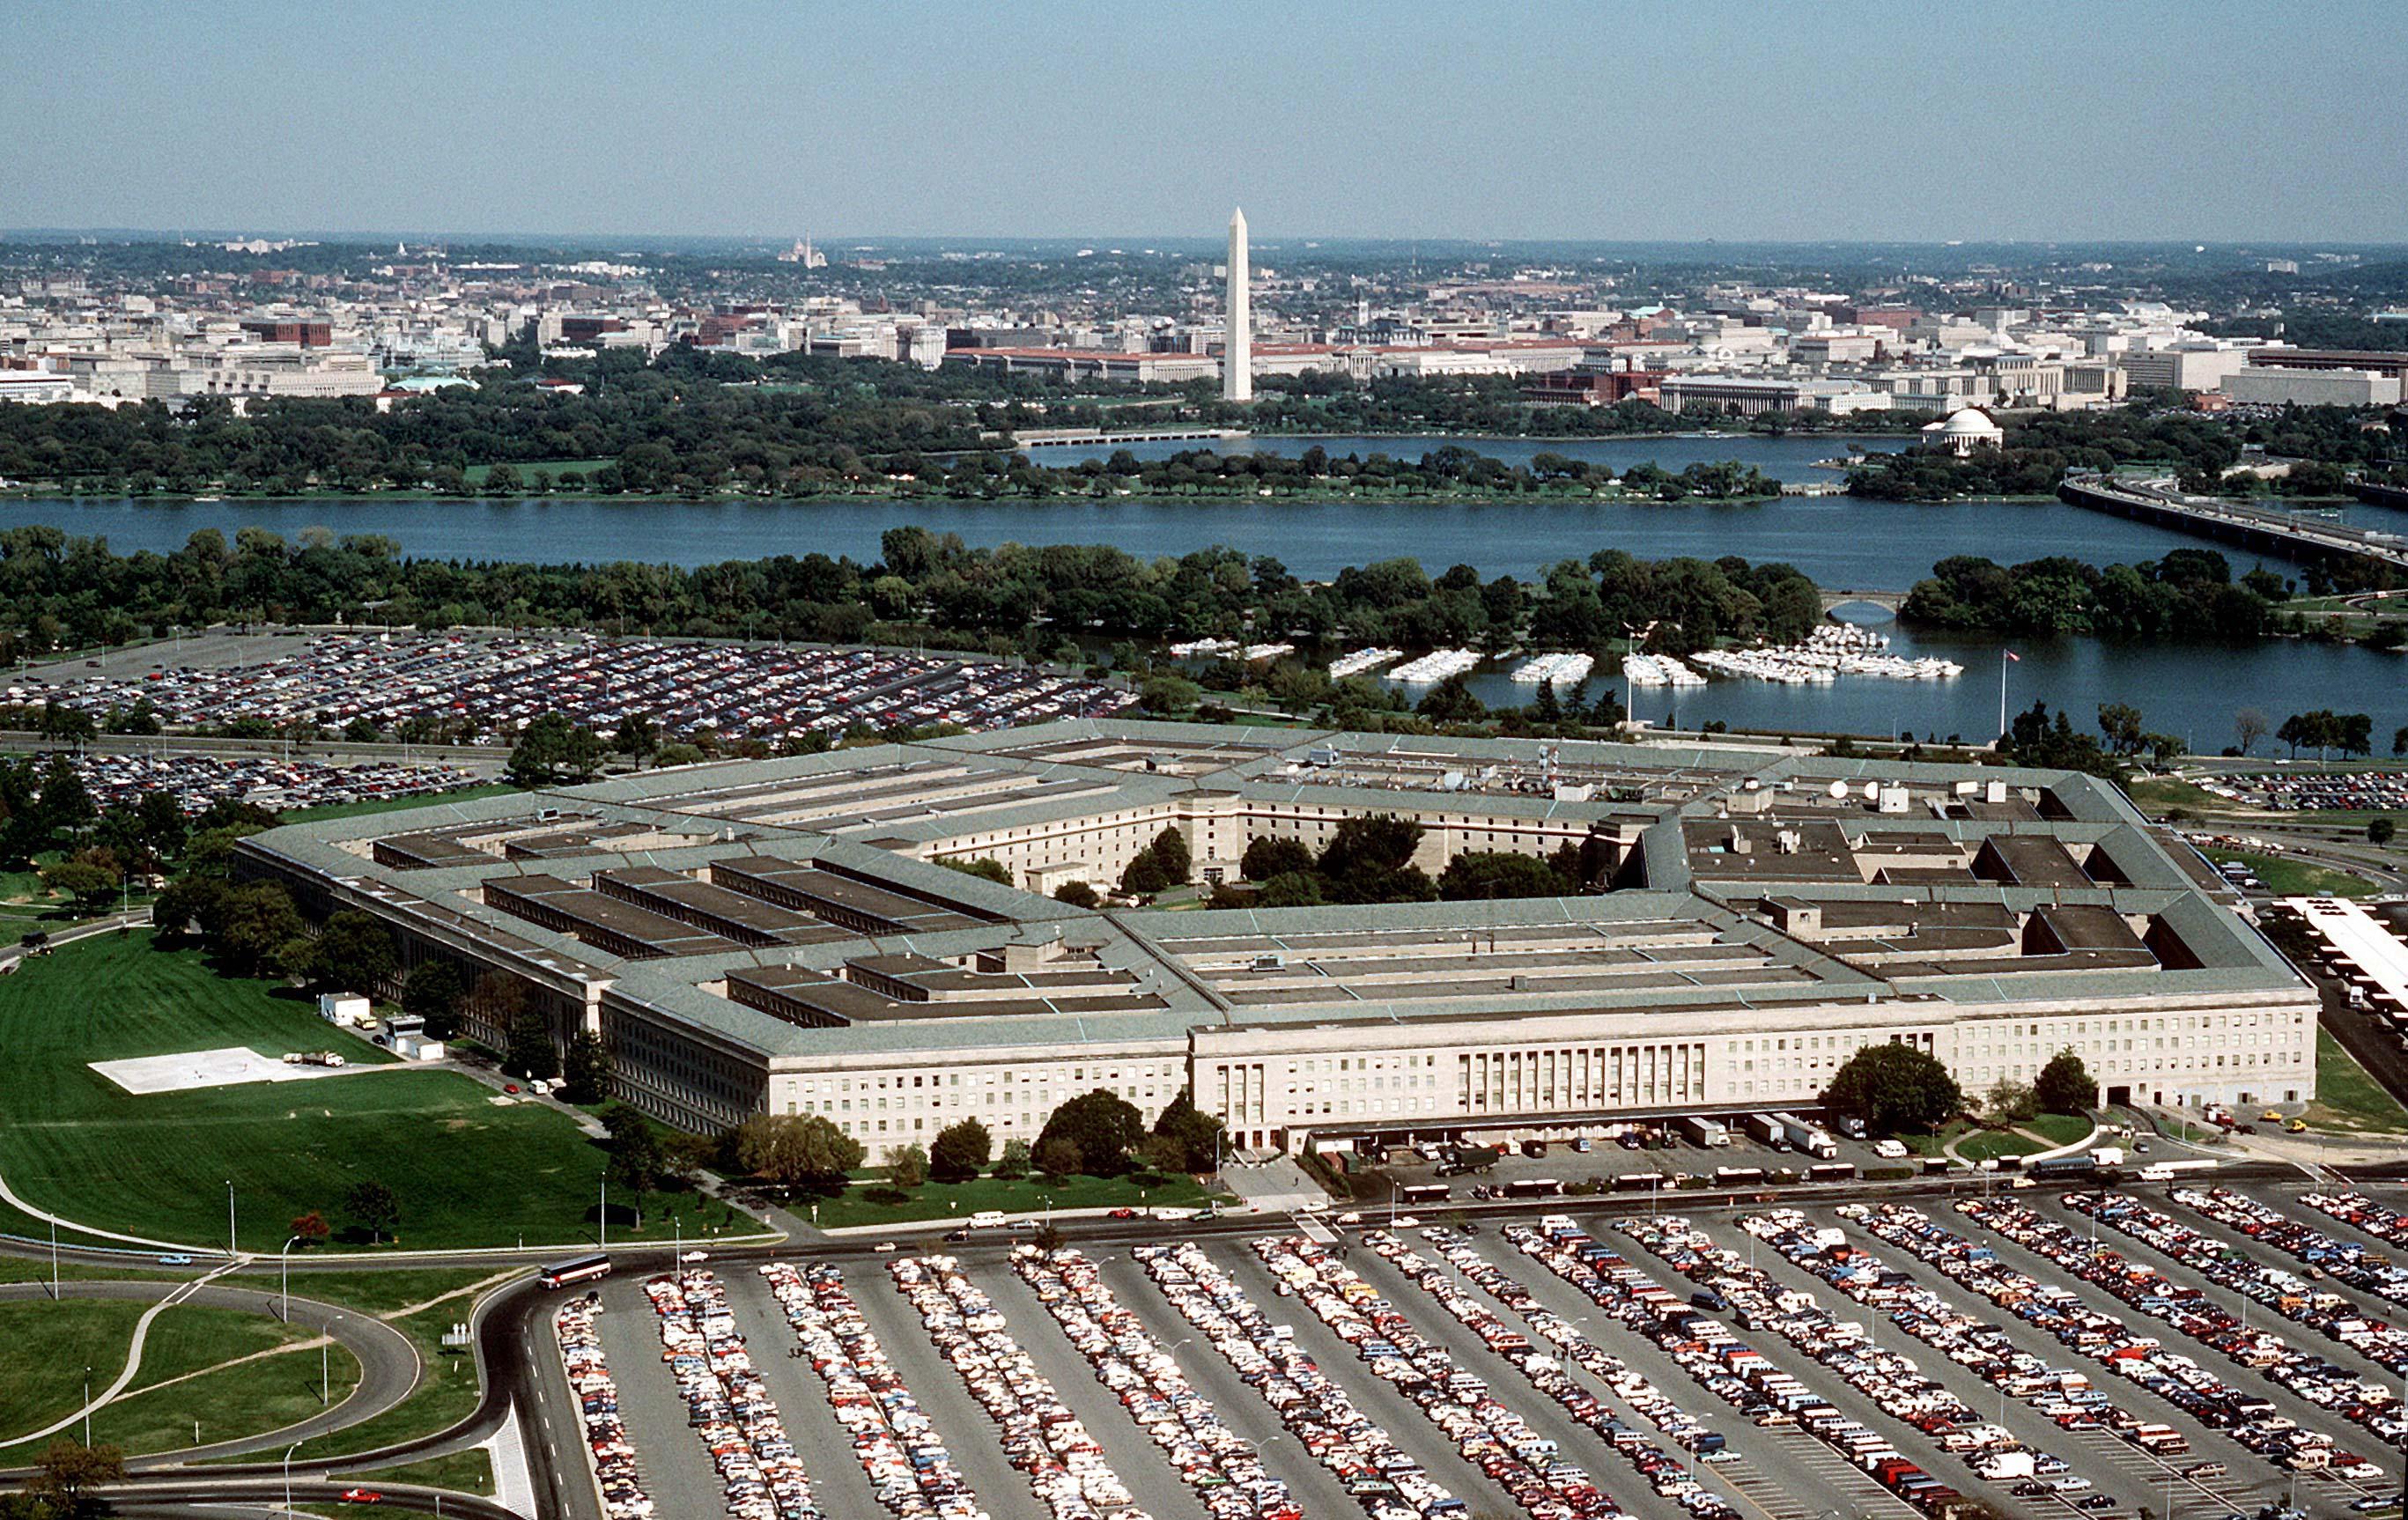 Сверху здание Пентагона напоминает звезду